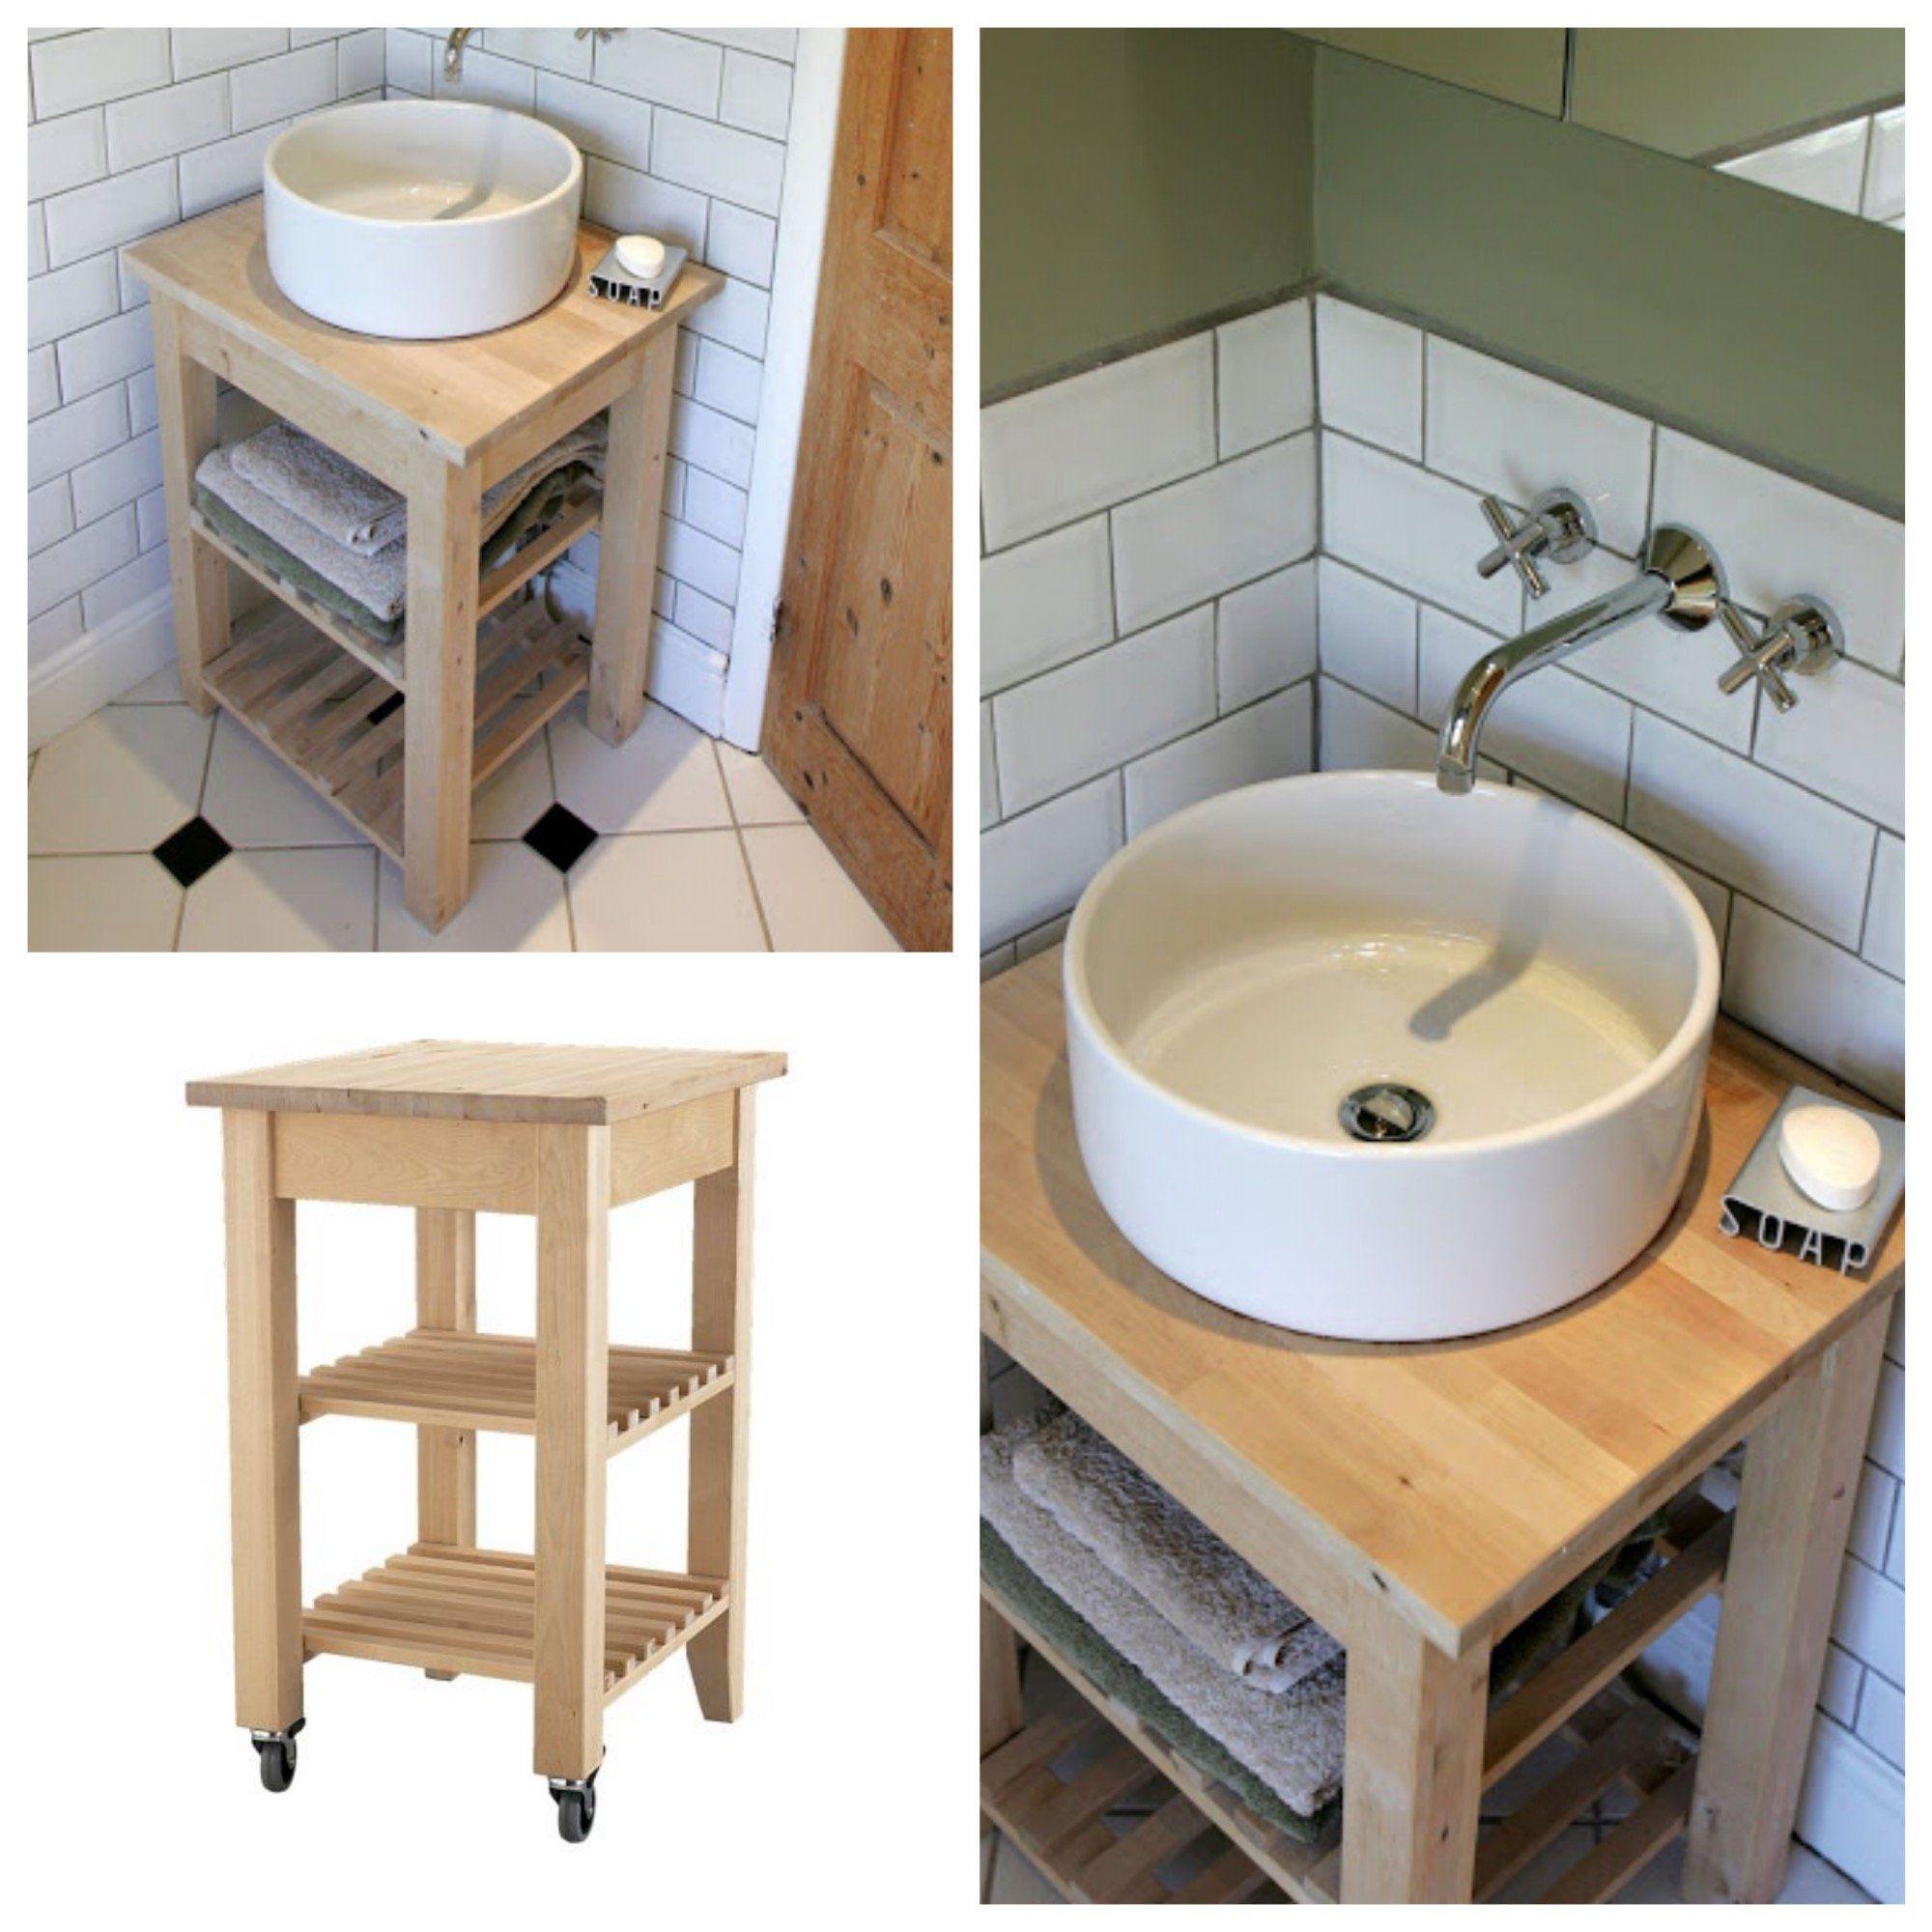 SAlle-de-bain-IKEA-Hacks-desserte-BEKVÄM-pour-lavabo.jpg 15.15